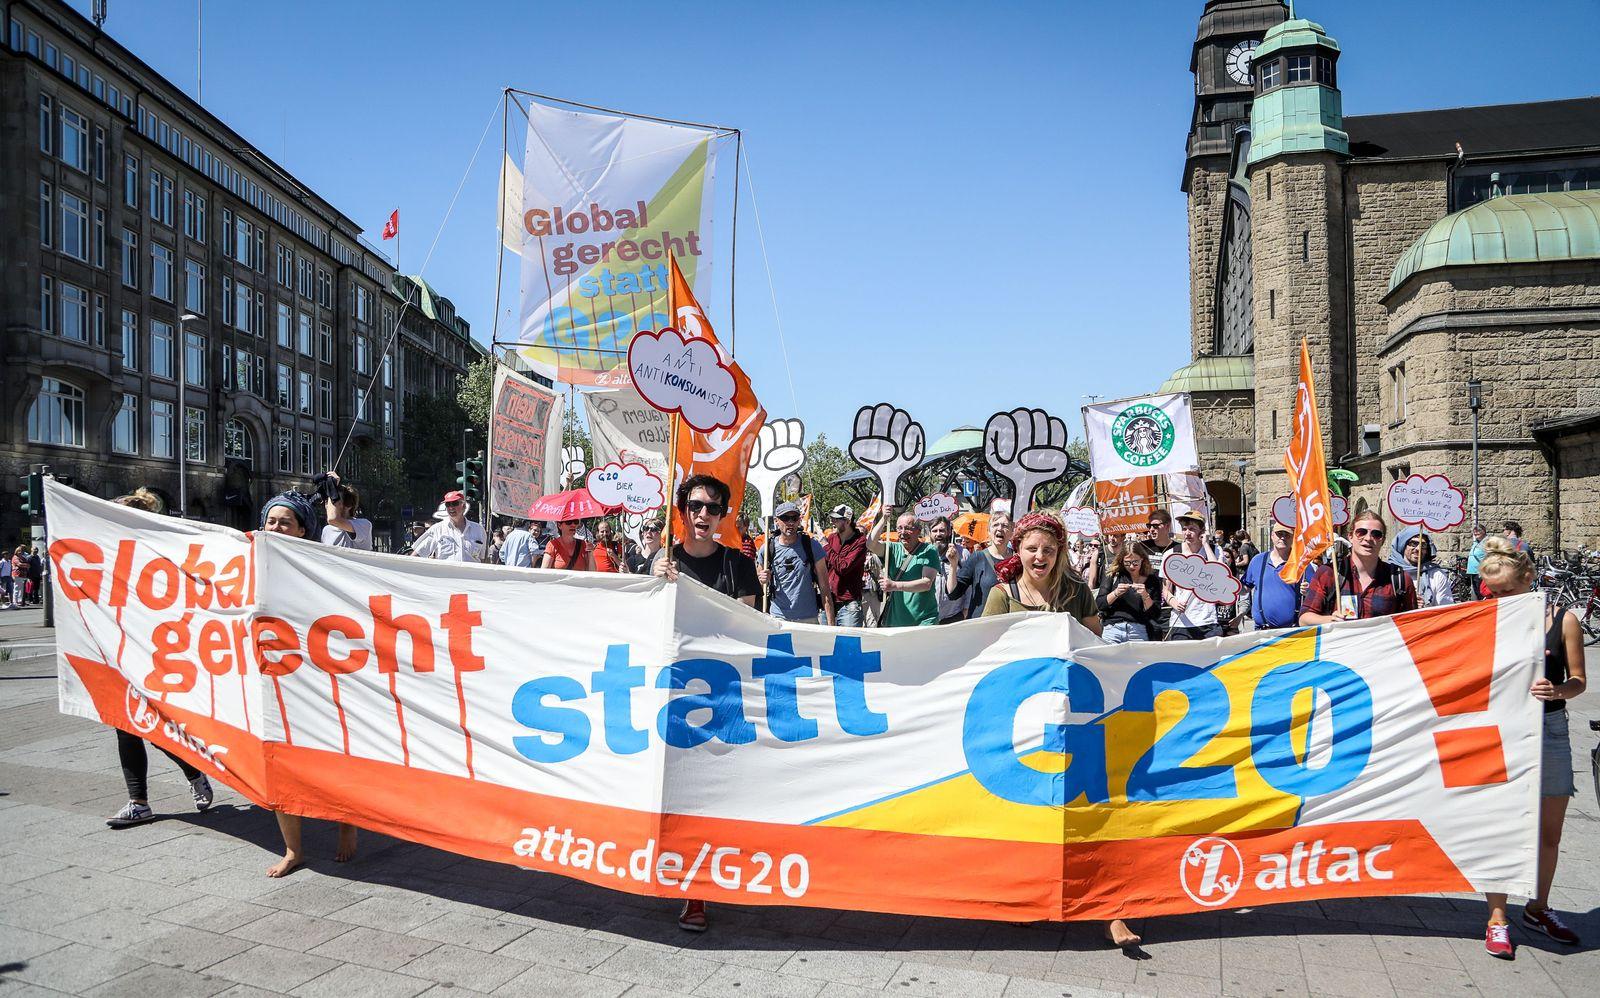 G20 / Protest / Demo